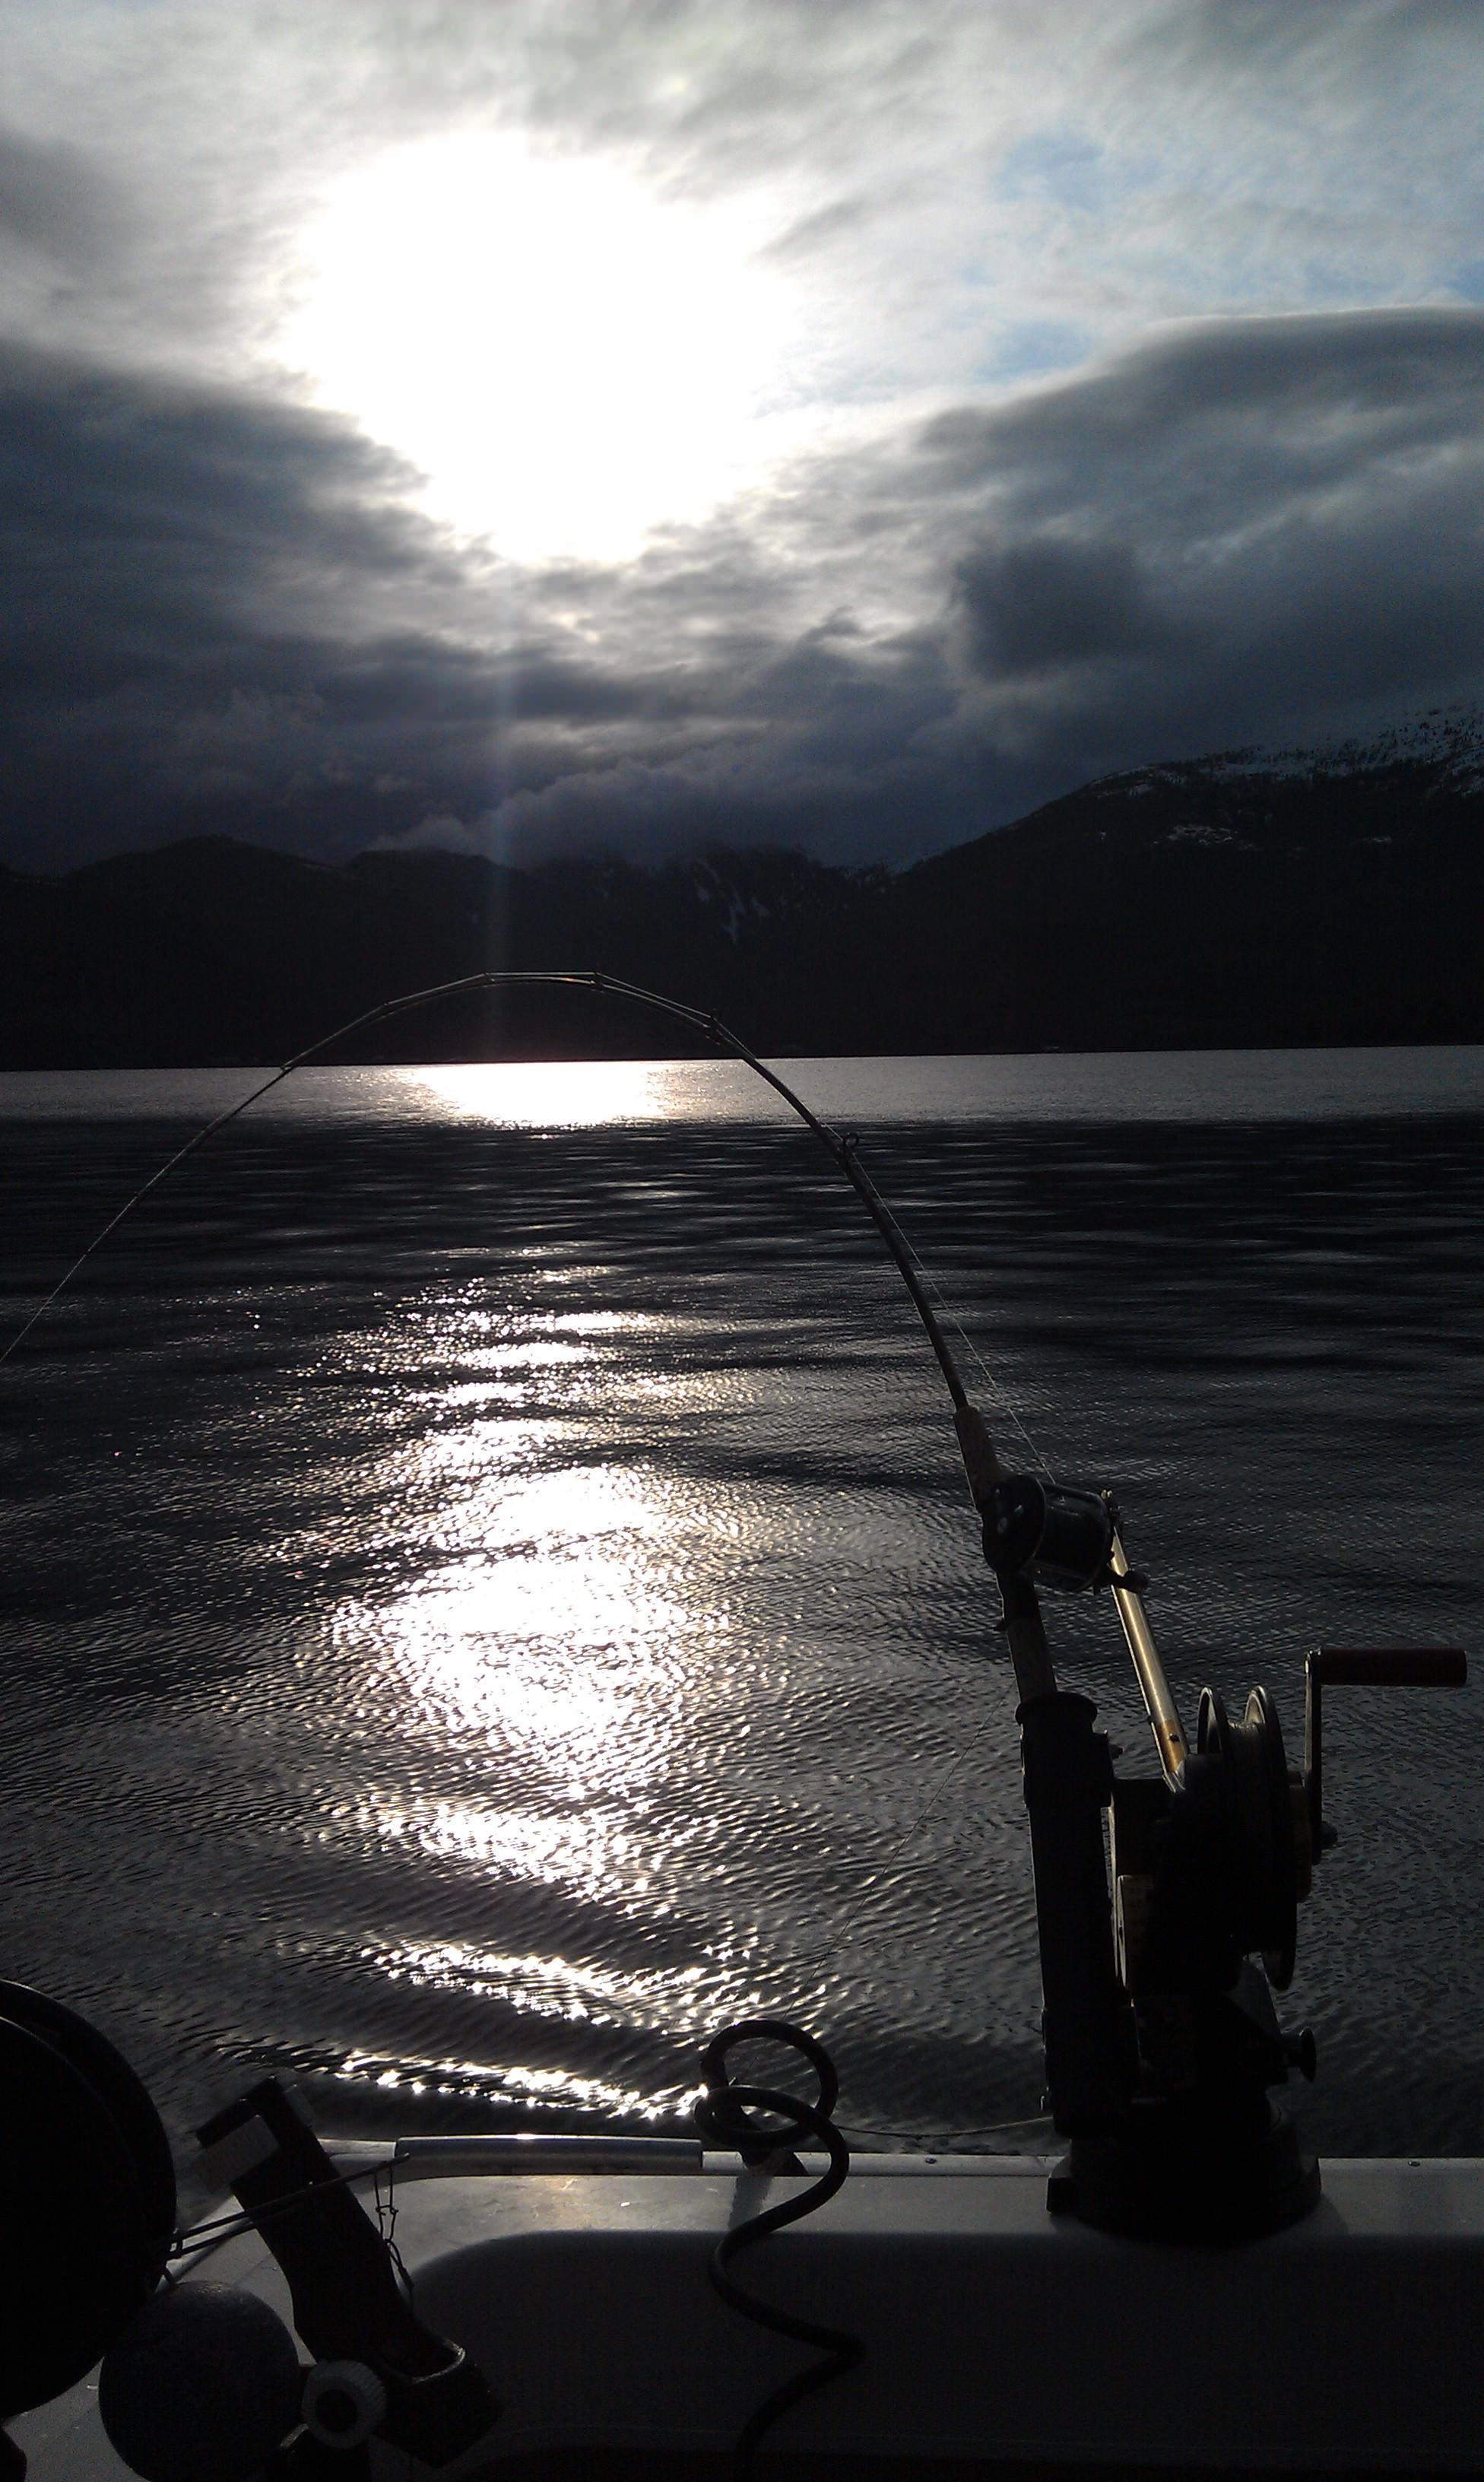 Evening fishing in Ketchikan, Alaska